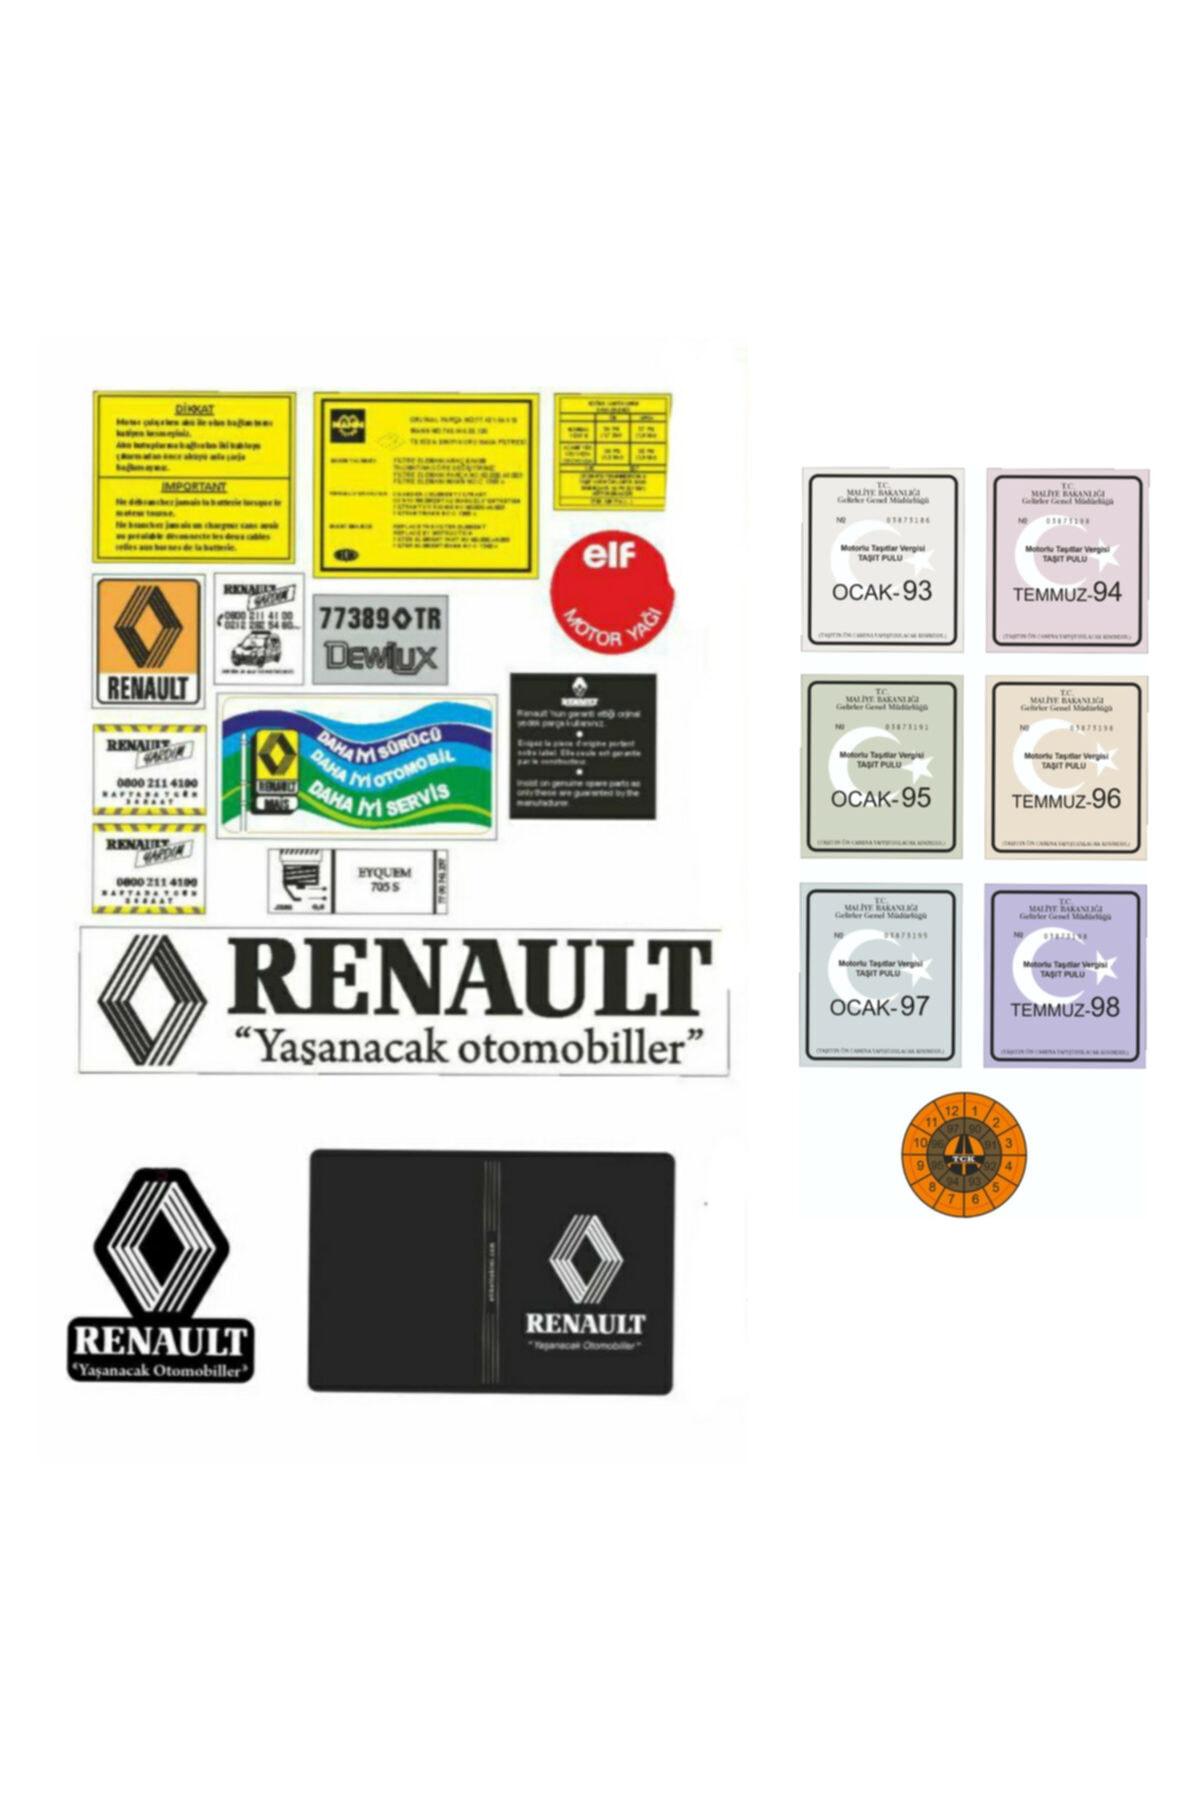 etikettakimi Renault Etiket Takımı Ve Pul Seti 1